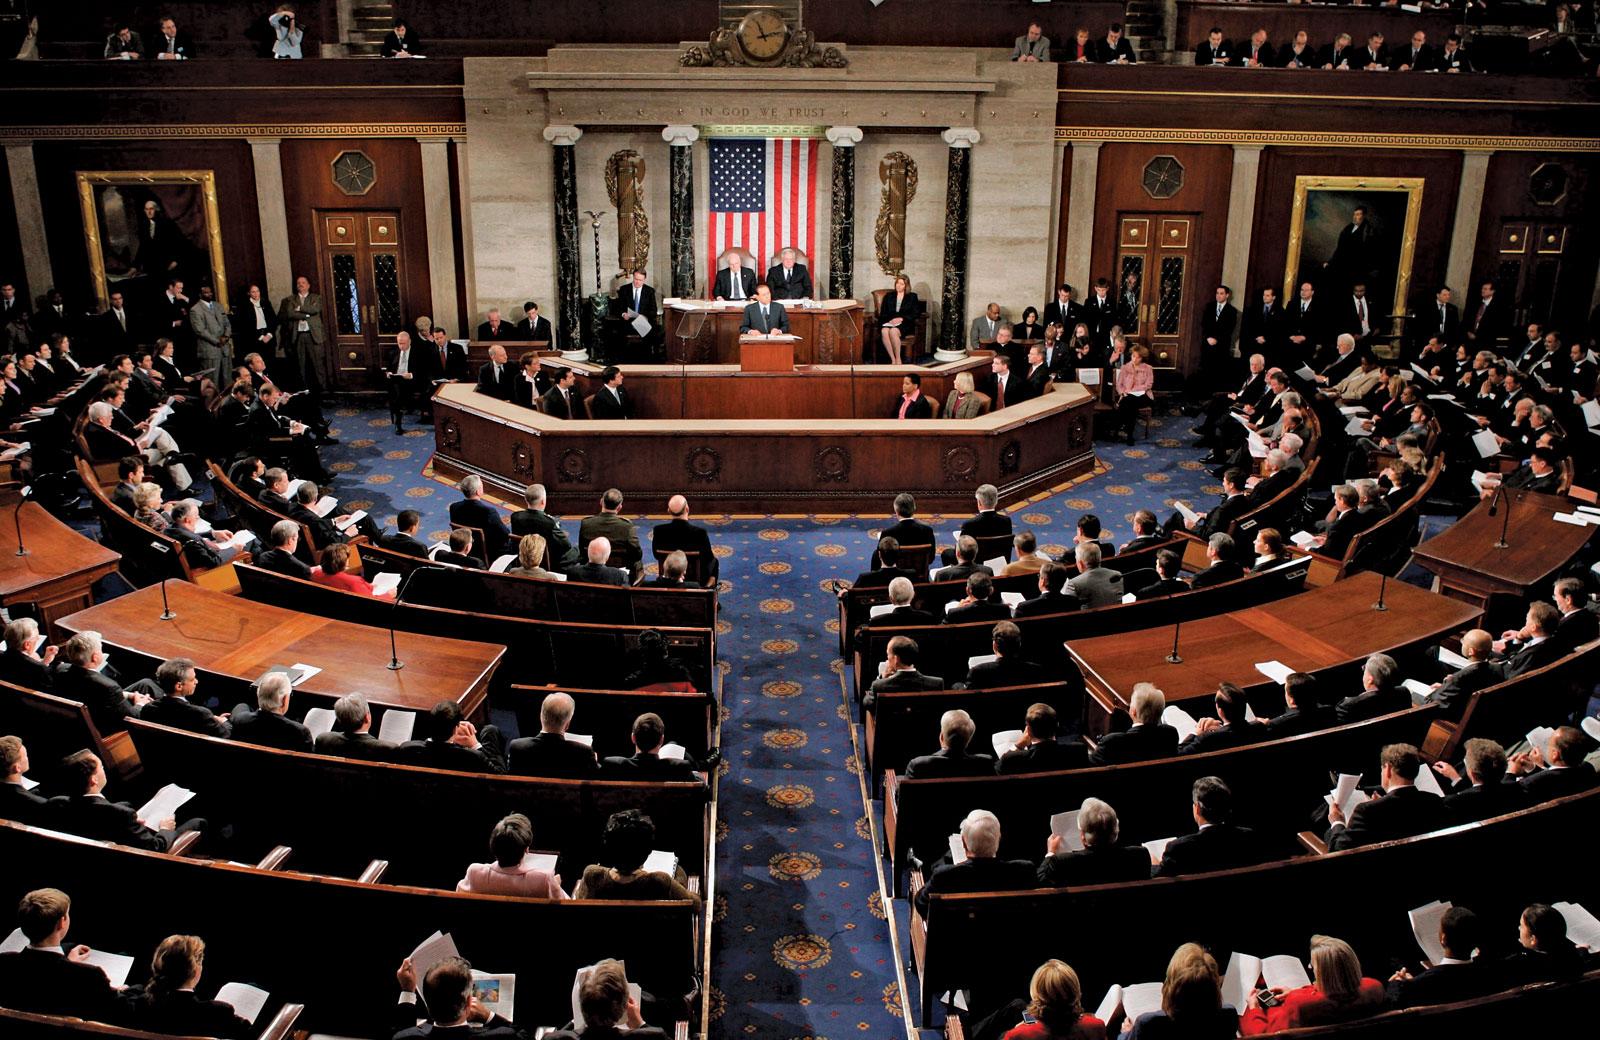 EEUU: Senadores piden presionar a Haití para que cierre un orfanato